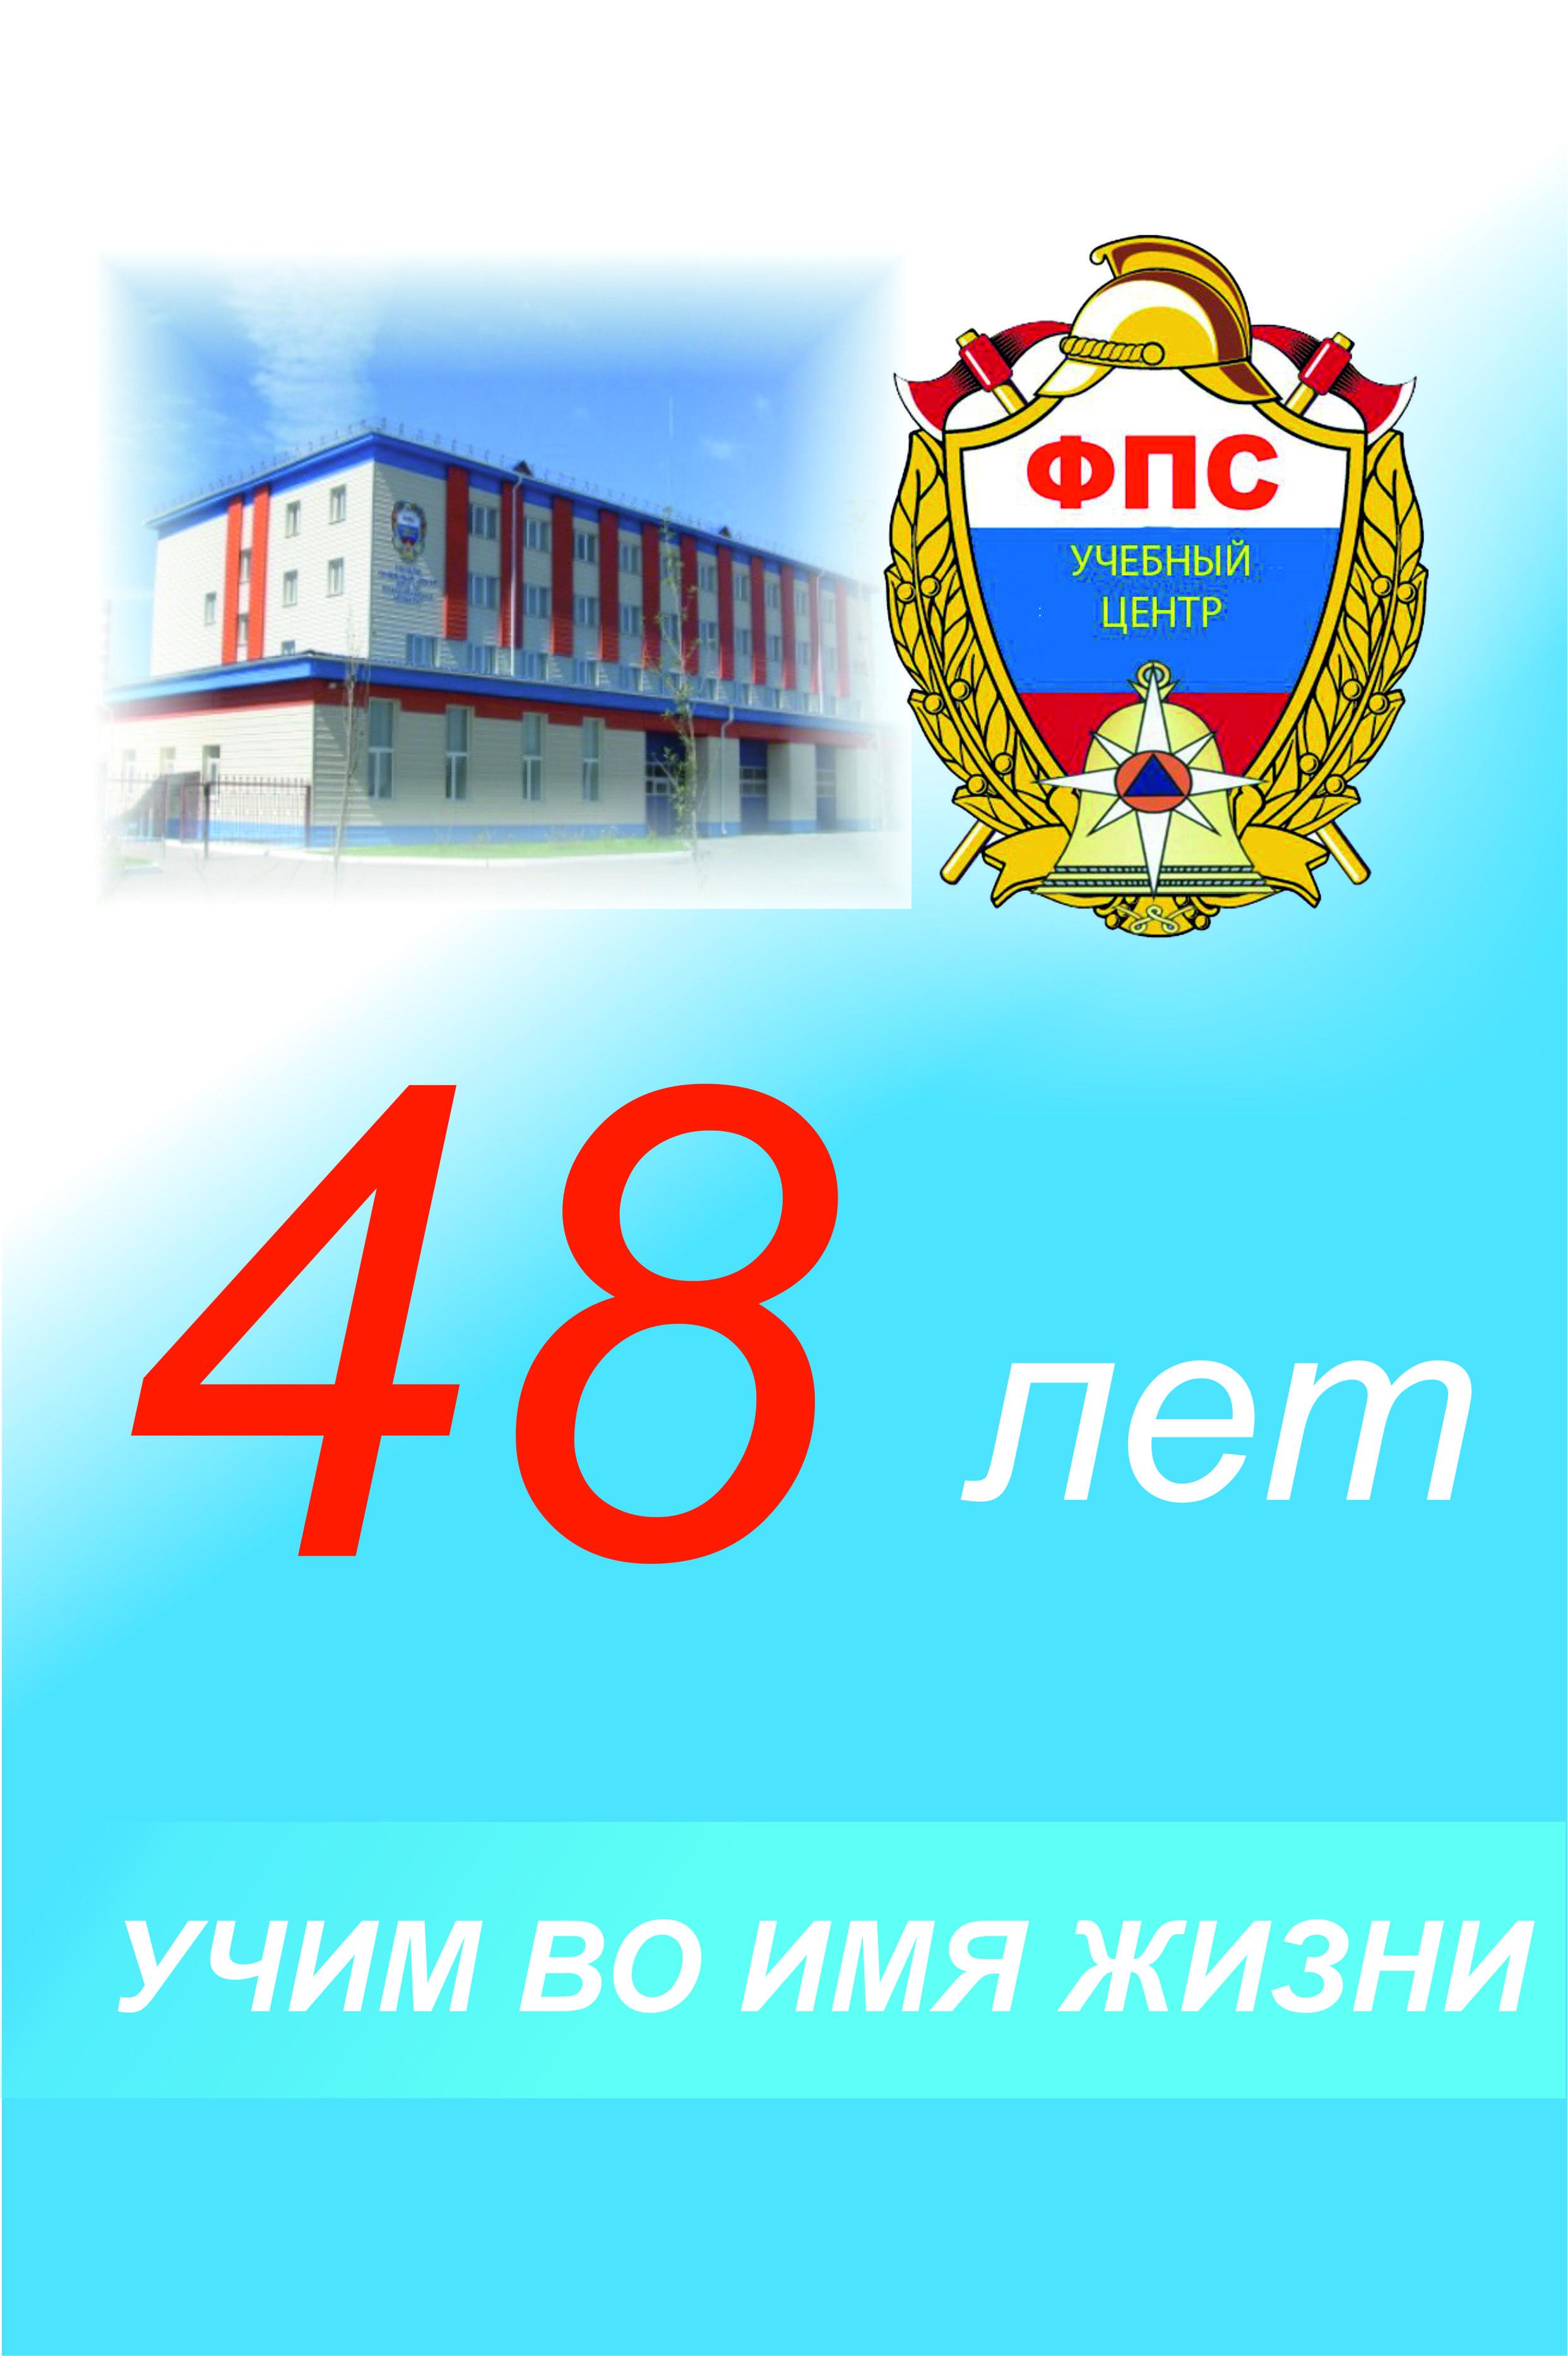 ФПС Учебный Центр